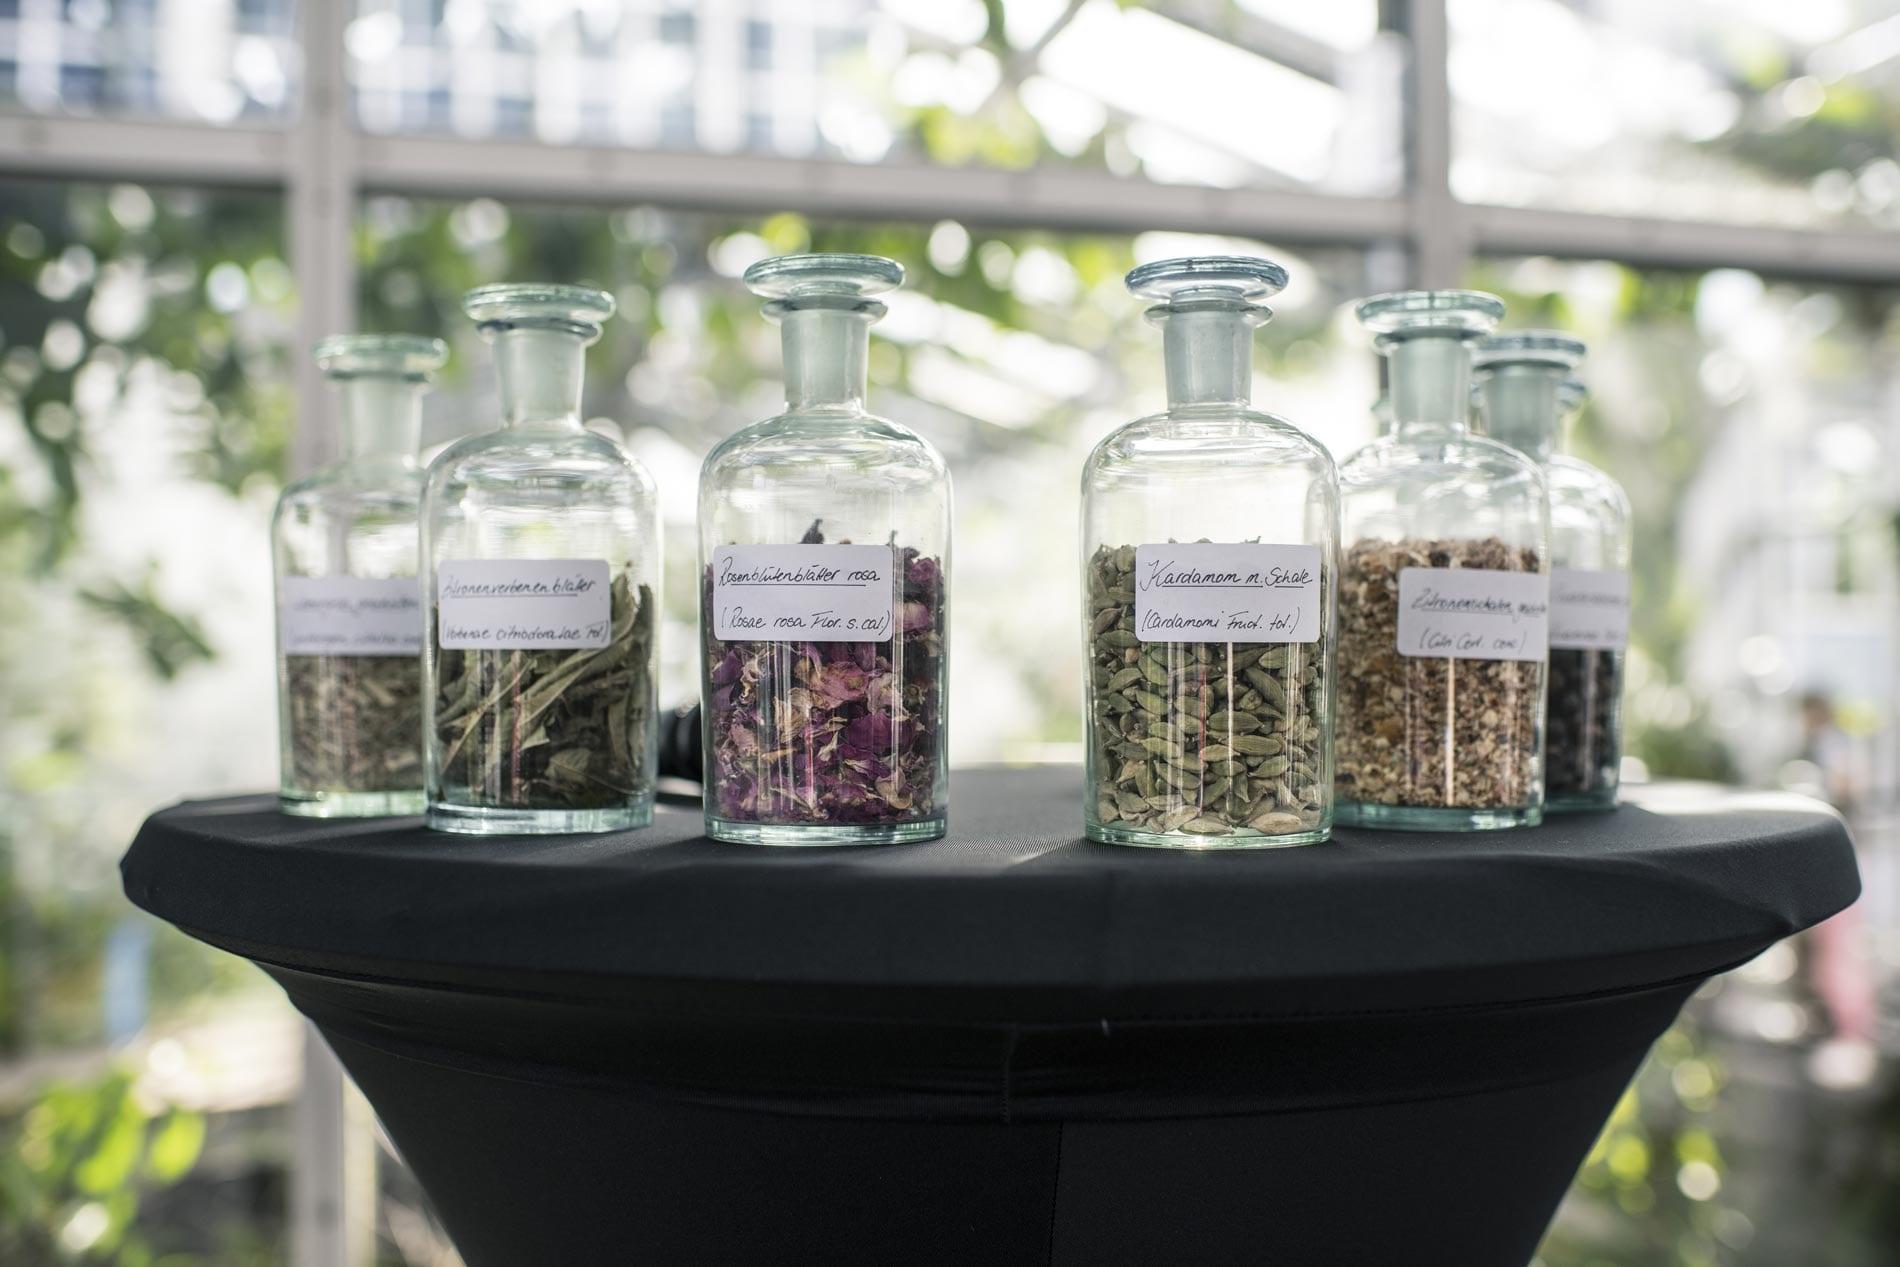 Humboldt Gin Botanischer Garten